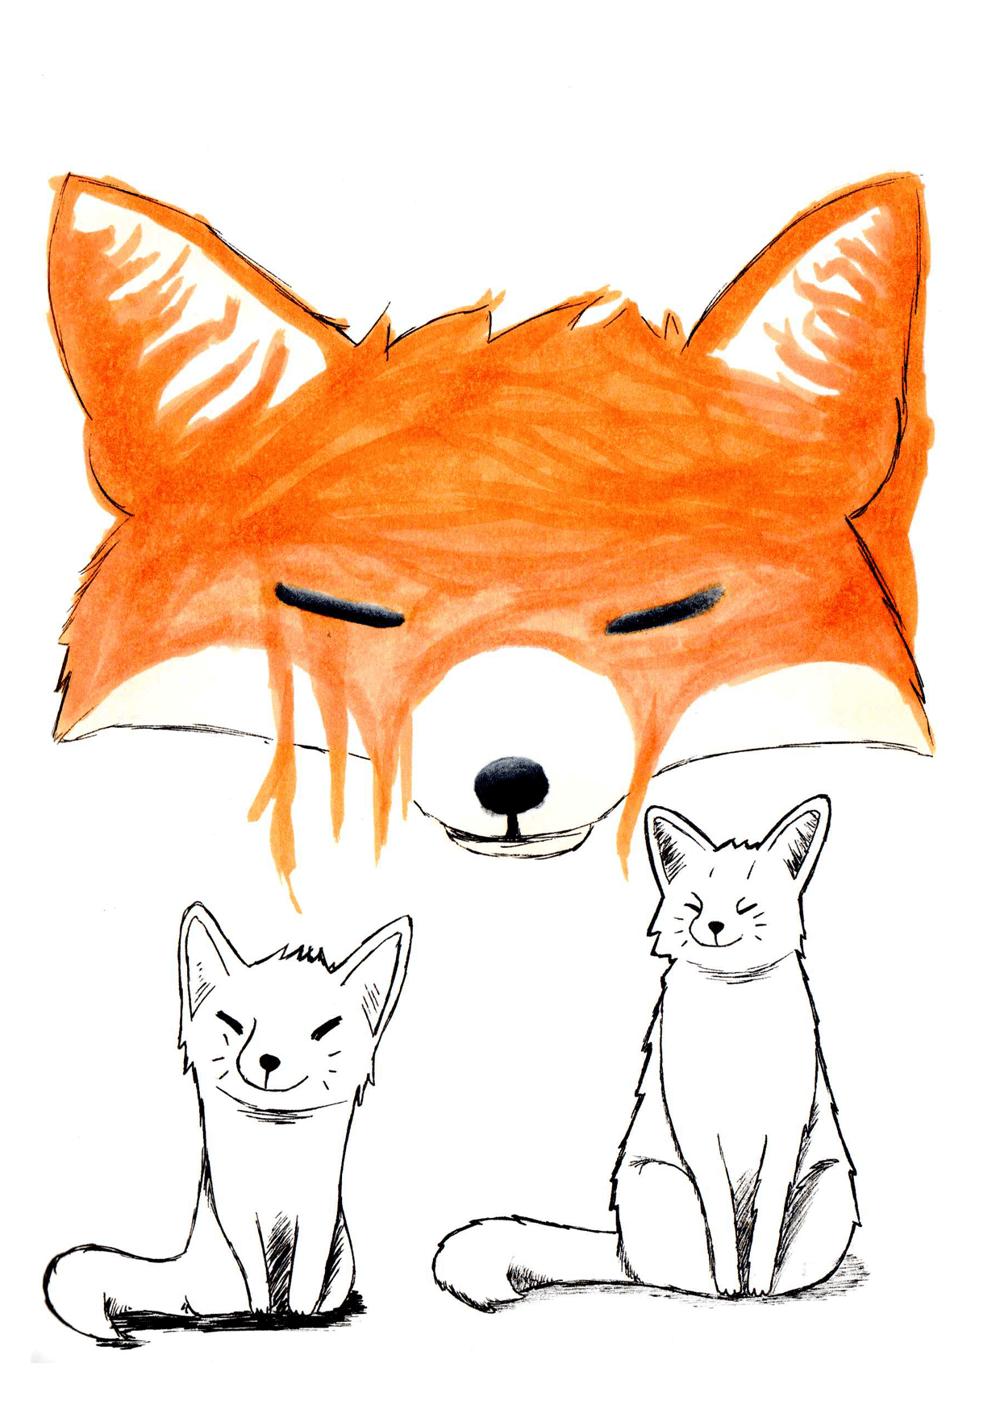 Fox Stylization - image 3 - student project